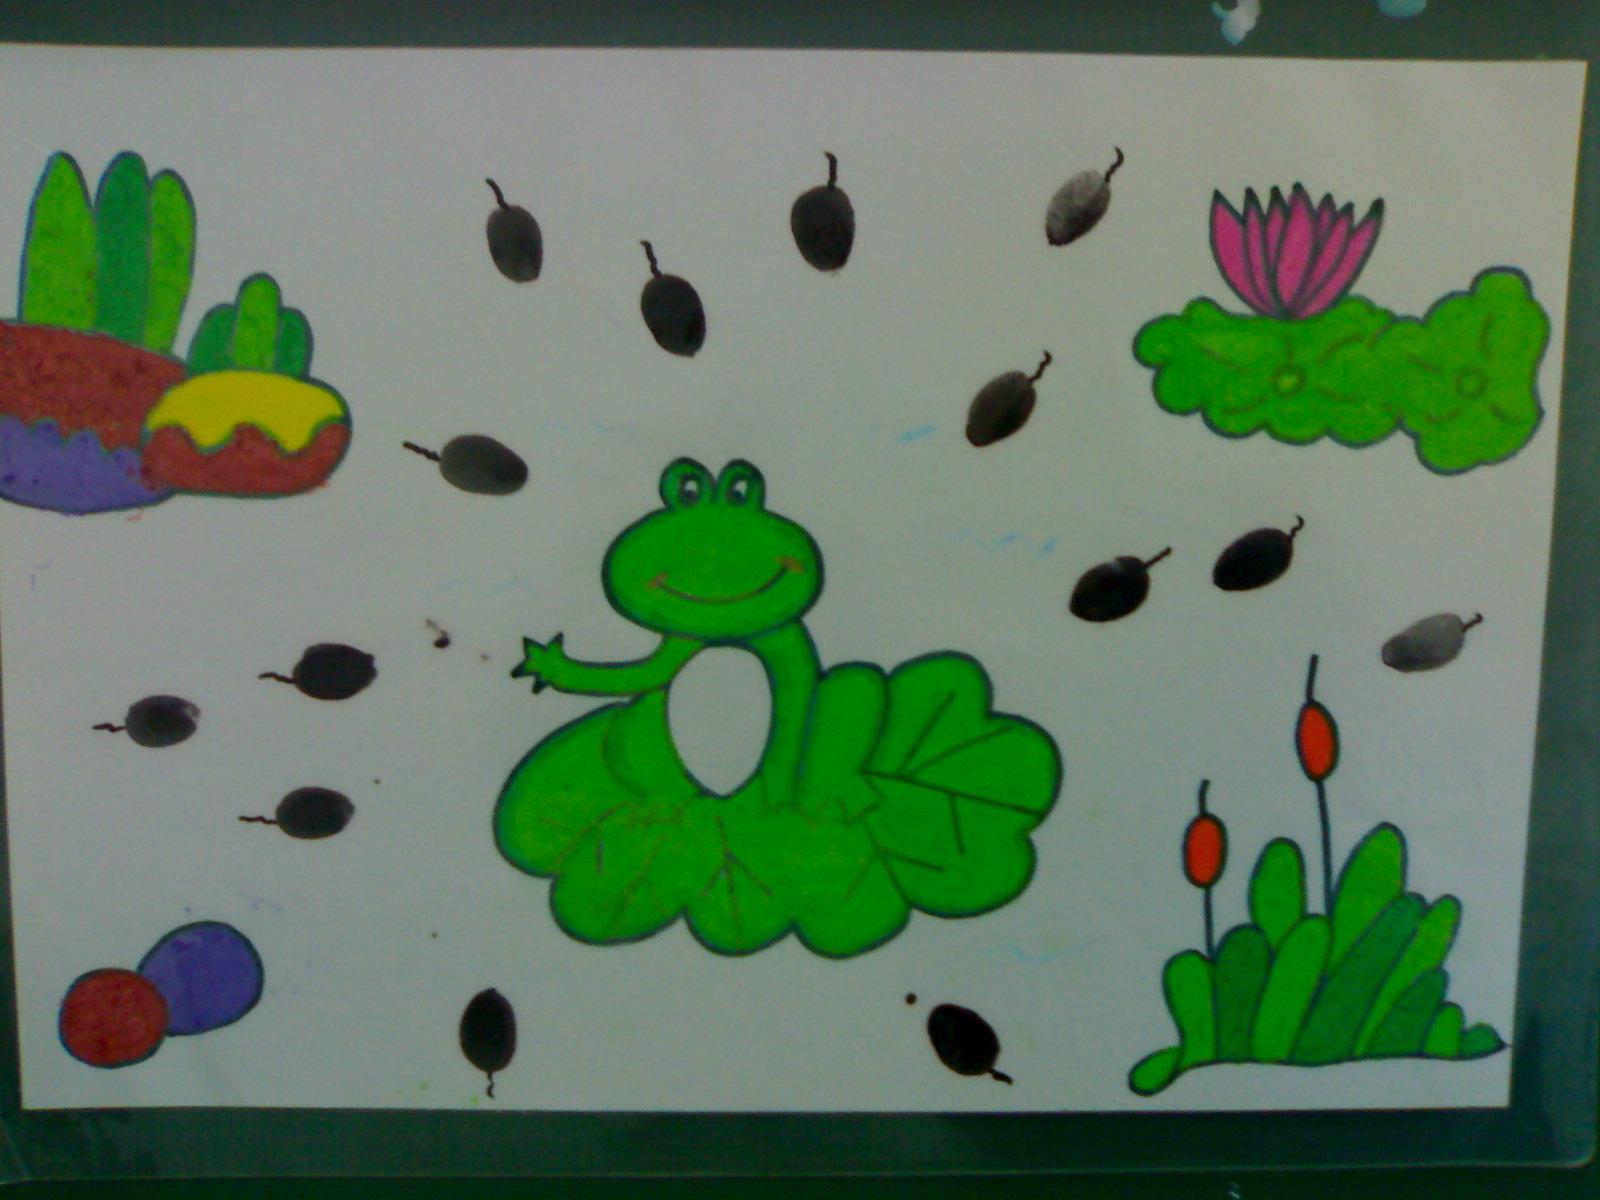 青蛙和小蝌蚪简笔画内容青蛙和小蝌蚪简笔画图片